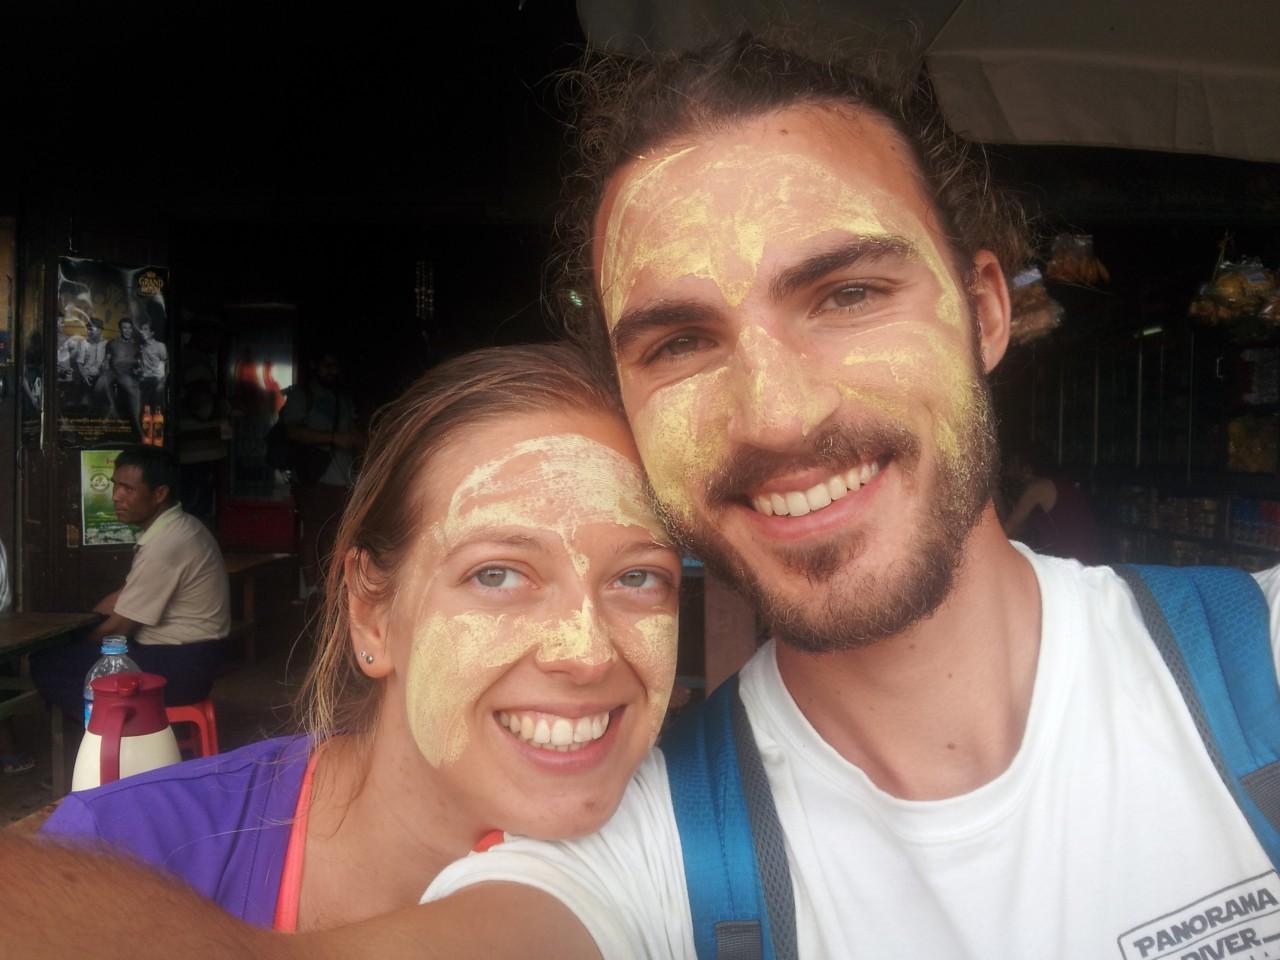 Thanaka dient als Sonnenschutz und ist gut für die Haut. Für die Einheimischen ist es auch eine Art Bemalung.